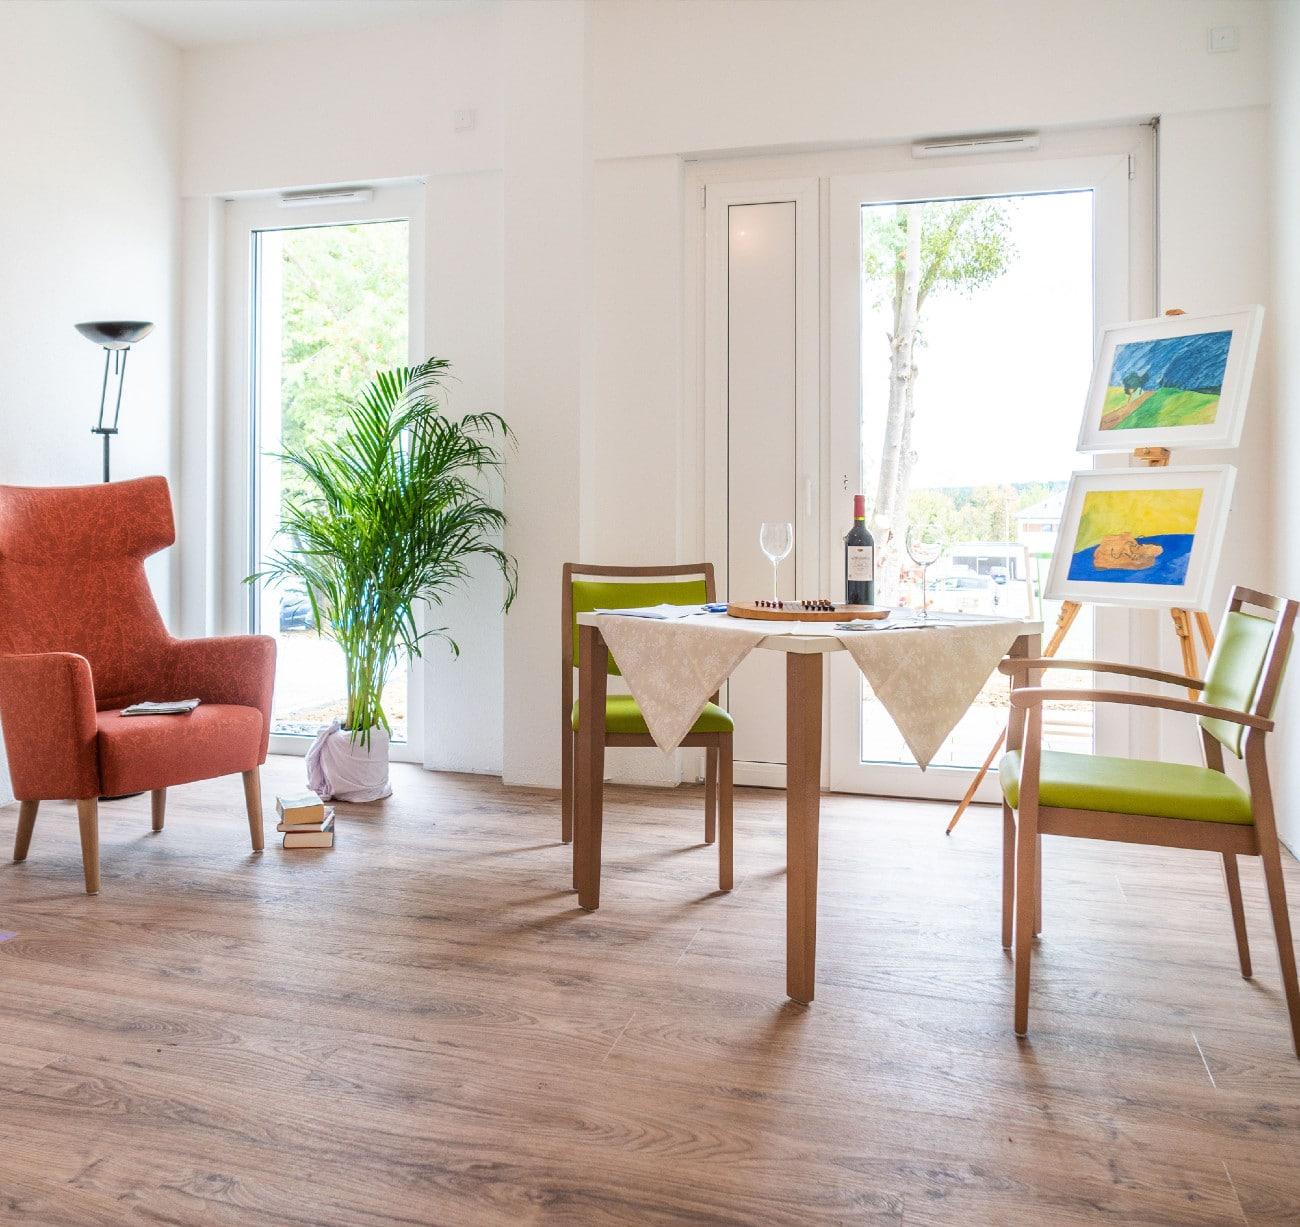 Zimmer in Wohngemeinschaft | Wohnung Speicher - Das Wohnwerk in Speicher